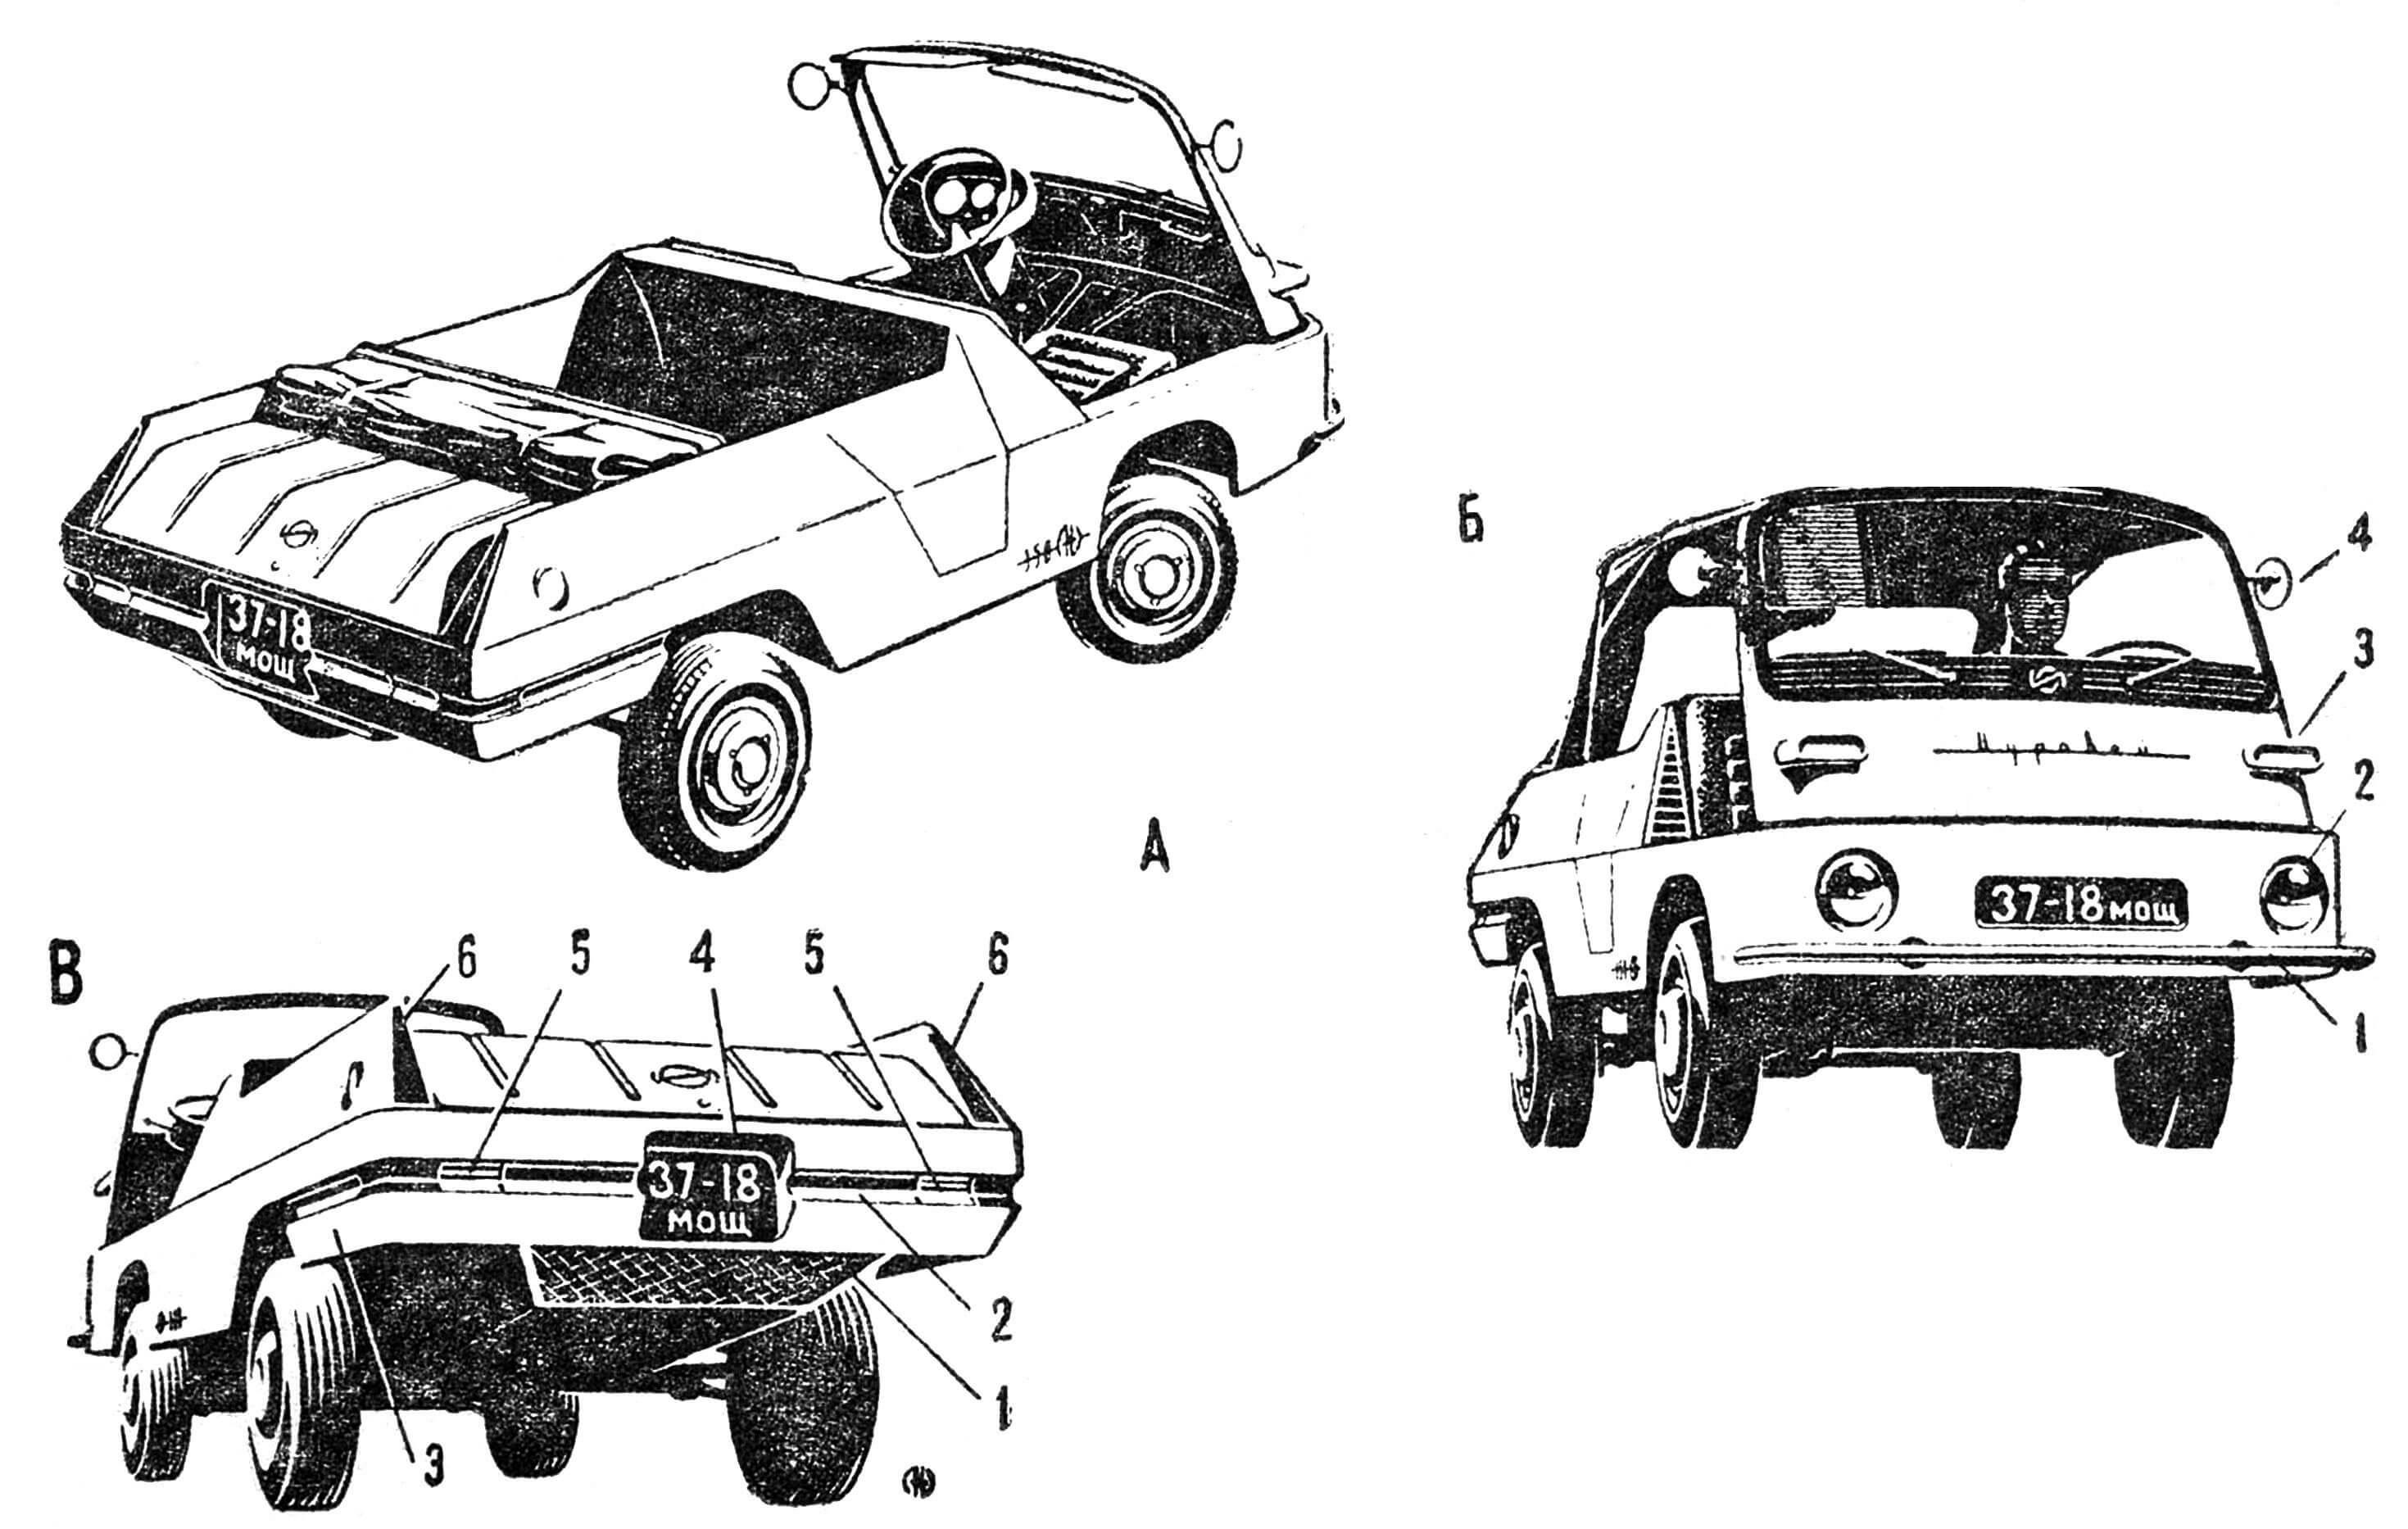 Рис. 3. Общий вид микроавтомобиля «Муравей»: А — вид сбоку (на рисунке показан автомобиль с убранным тентом); Б — вид спереди (тент поднят): 1 — бампер, 2 — фара, 3 — указатель поворота, 4 — зеркало заднего вида; В — вид сзади: 1 — вентиляционная шахта отсека двигателя, 2 — желоб в облицовке, 3 — нижняя часть облицовки, 4 — ниша номерного знака, 5 — указатели поворотов, 6 — фонари габарита и стоп-сигнала в торцах декоративных килей.